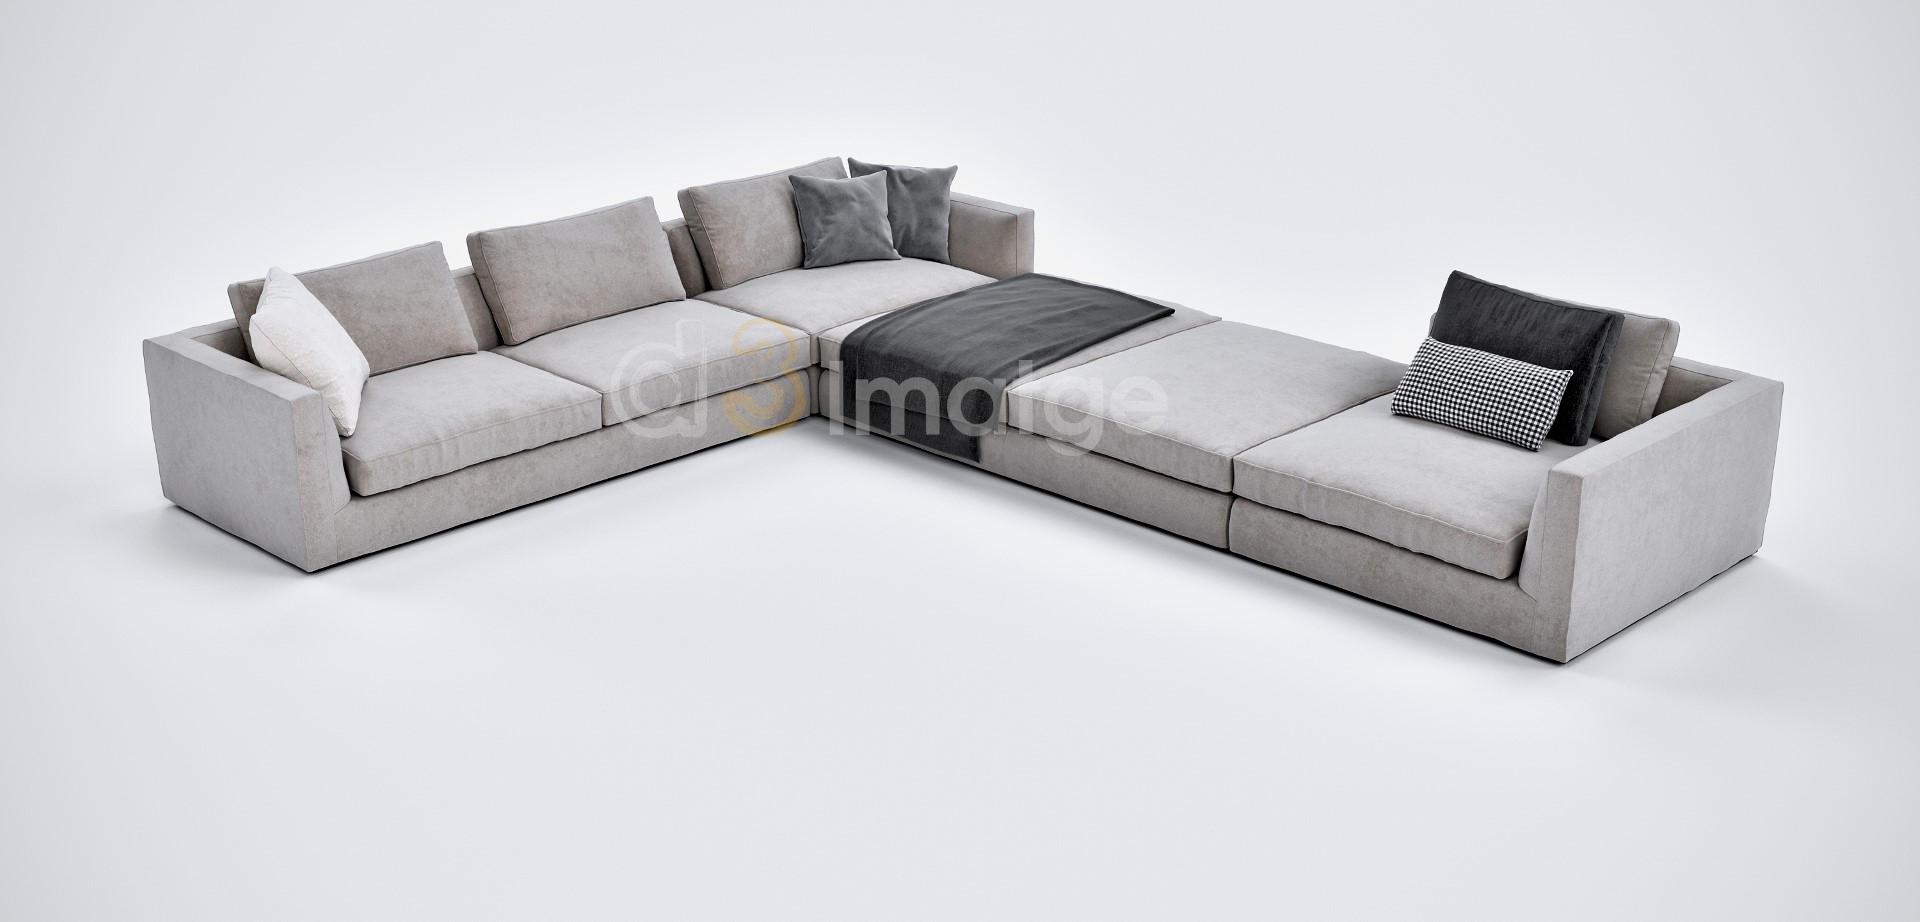 sofa-prueba-corona-niveles-large